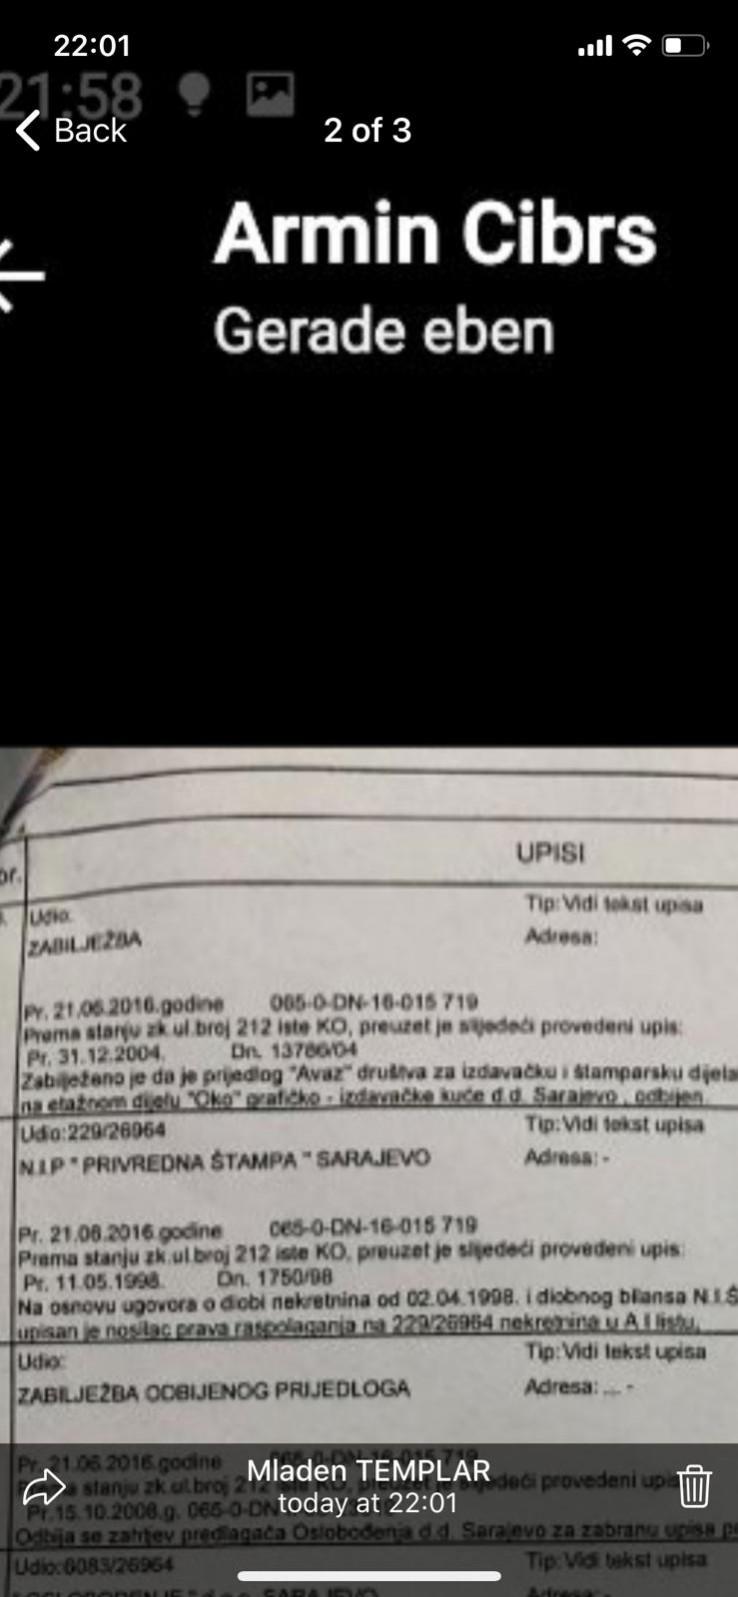 Screenshot poruke pristigle na mobilni telefon Fahrudina Radončića: Mladen TEMPLAR nenamjerno otkriva identitet Armina Cibre